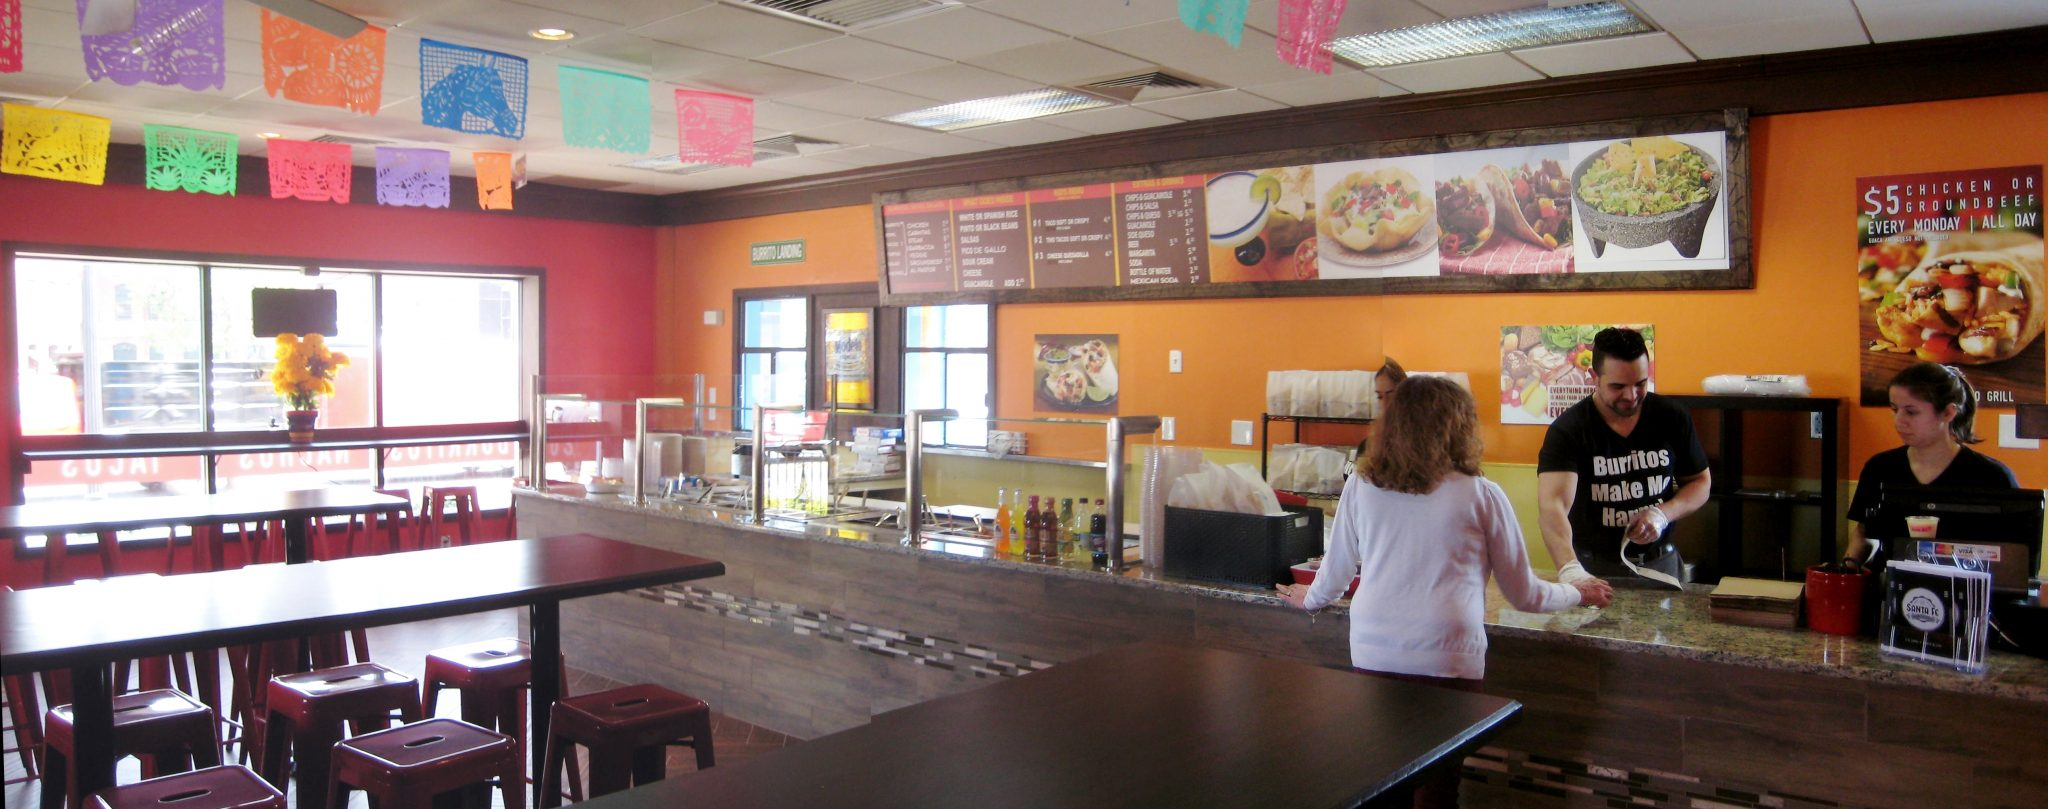 Santa Fe Burrito Grill Franklin MA